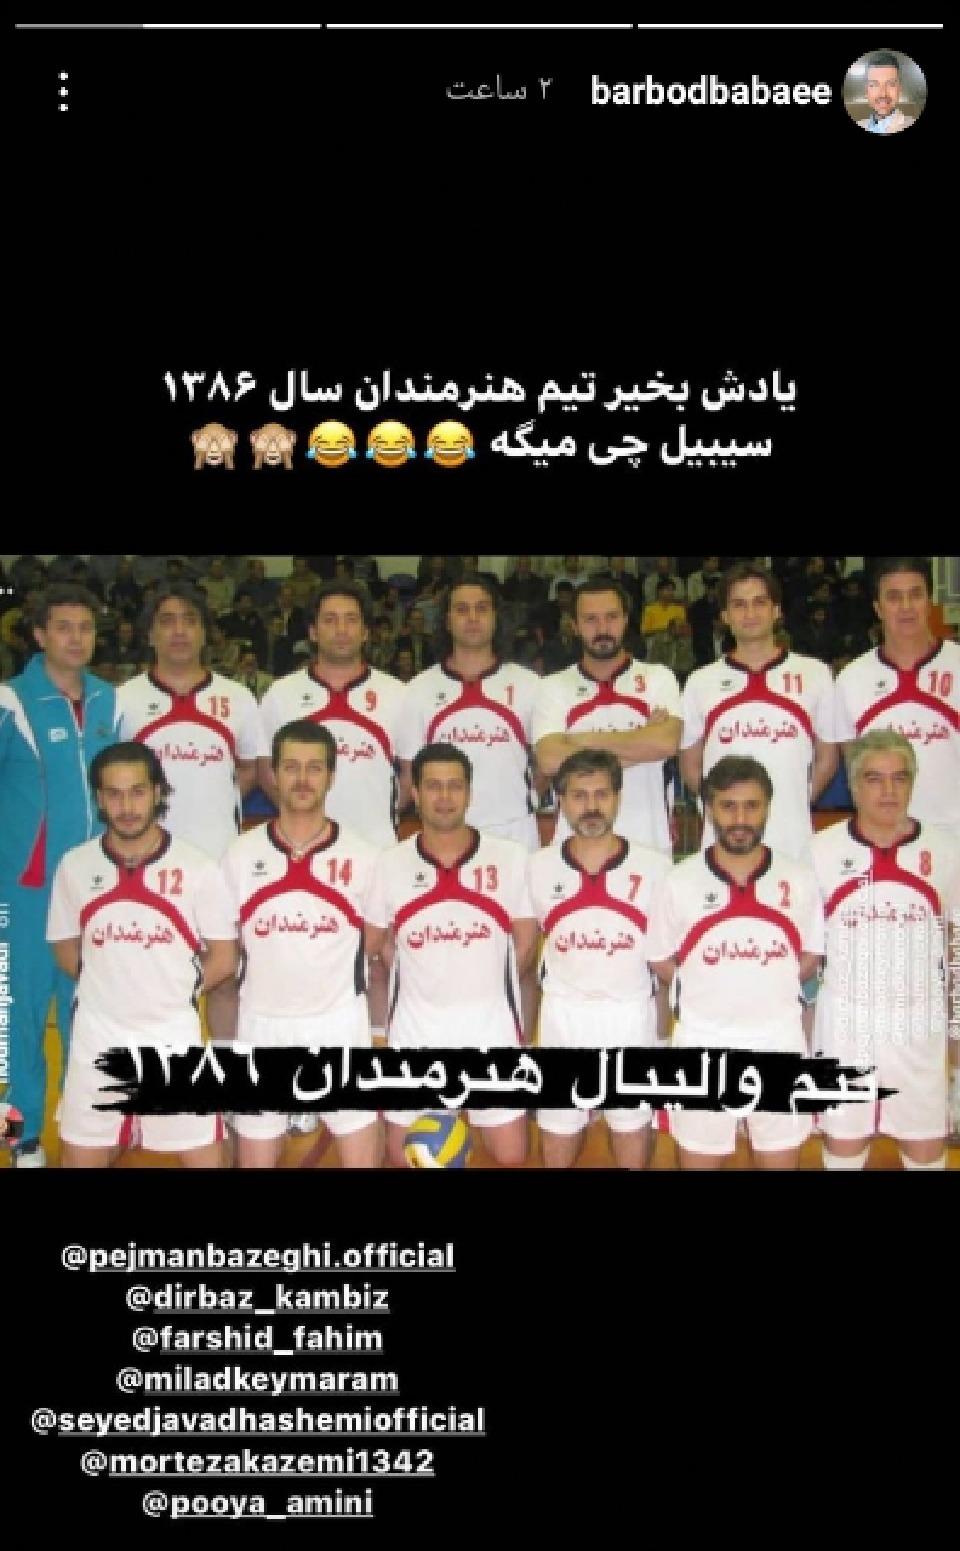 عکس قدیمی از تیم والیبال هنرمندان